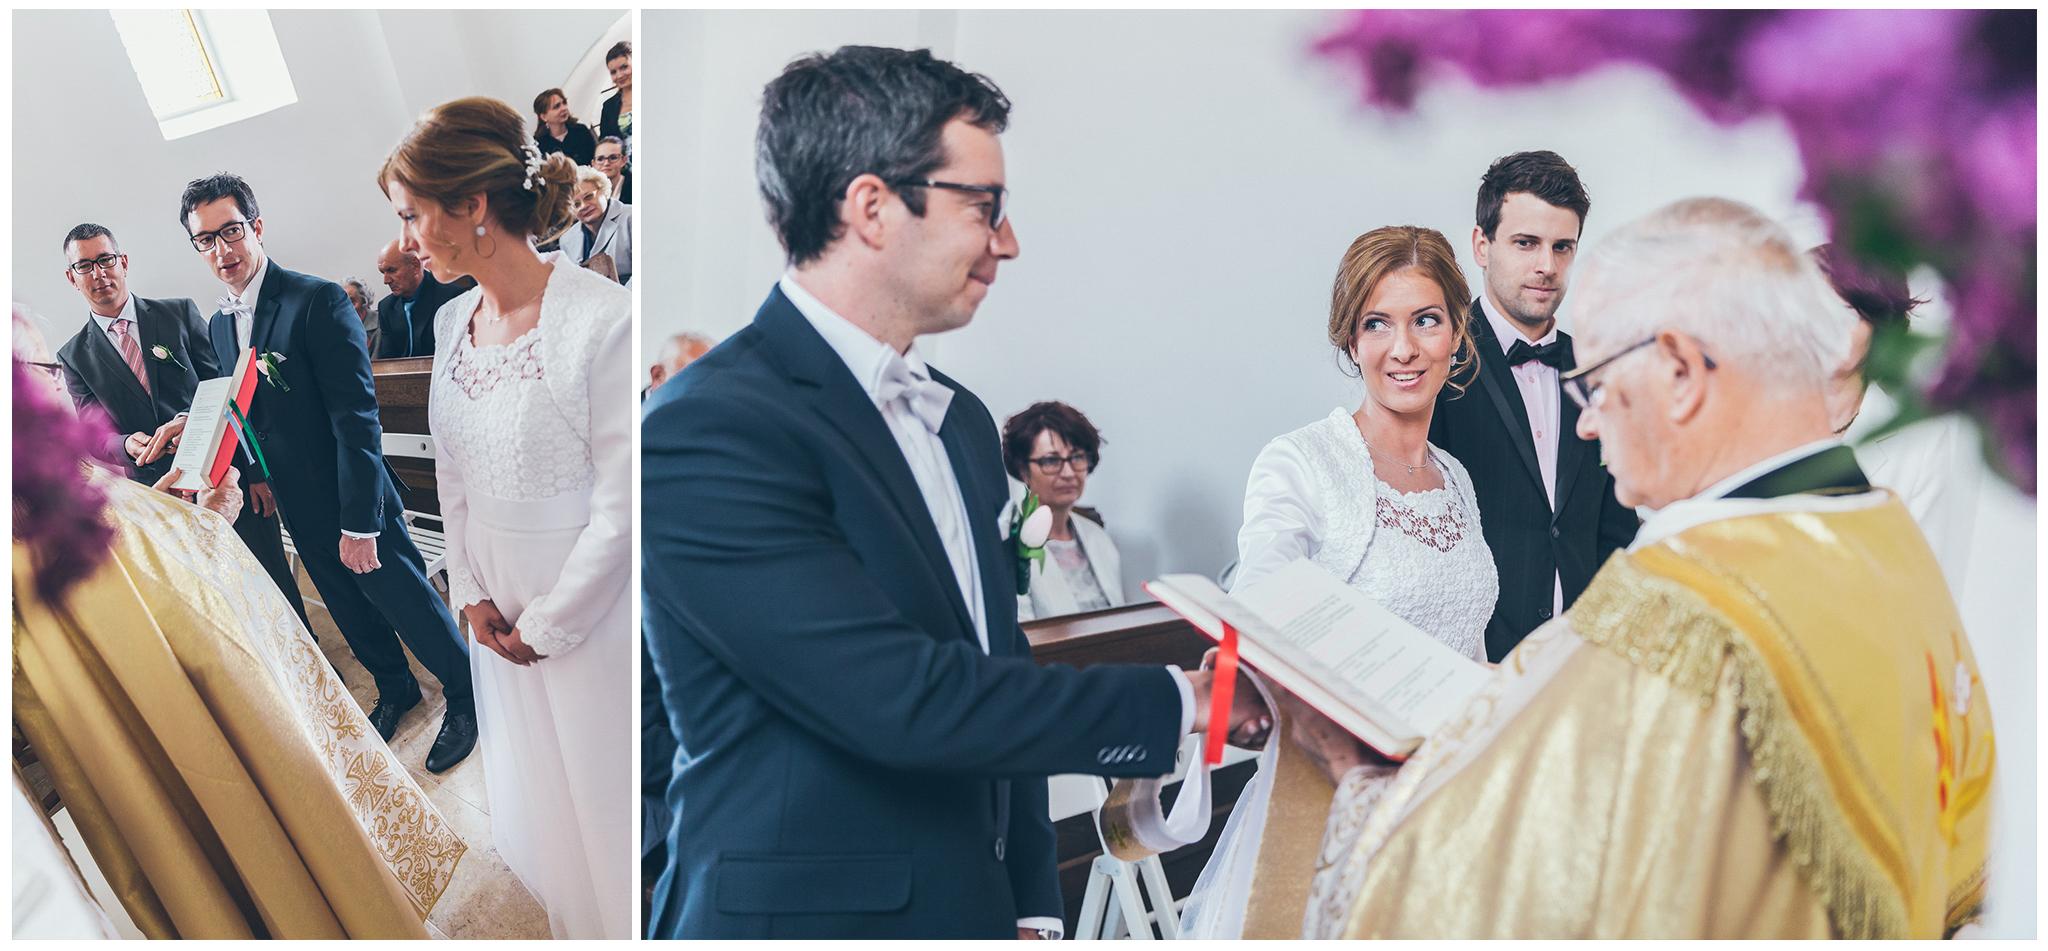 FylepPhoto, esküvőfotós, esküvői fotós Körmend, Szombathely, esküvőfotózás, magyarország, vas megye, prémium, jegyesfotózás, Fülöp Péter, körmend, kreatív, fotográfus_19.jpg